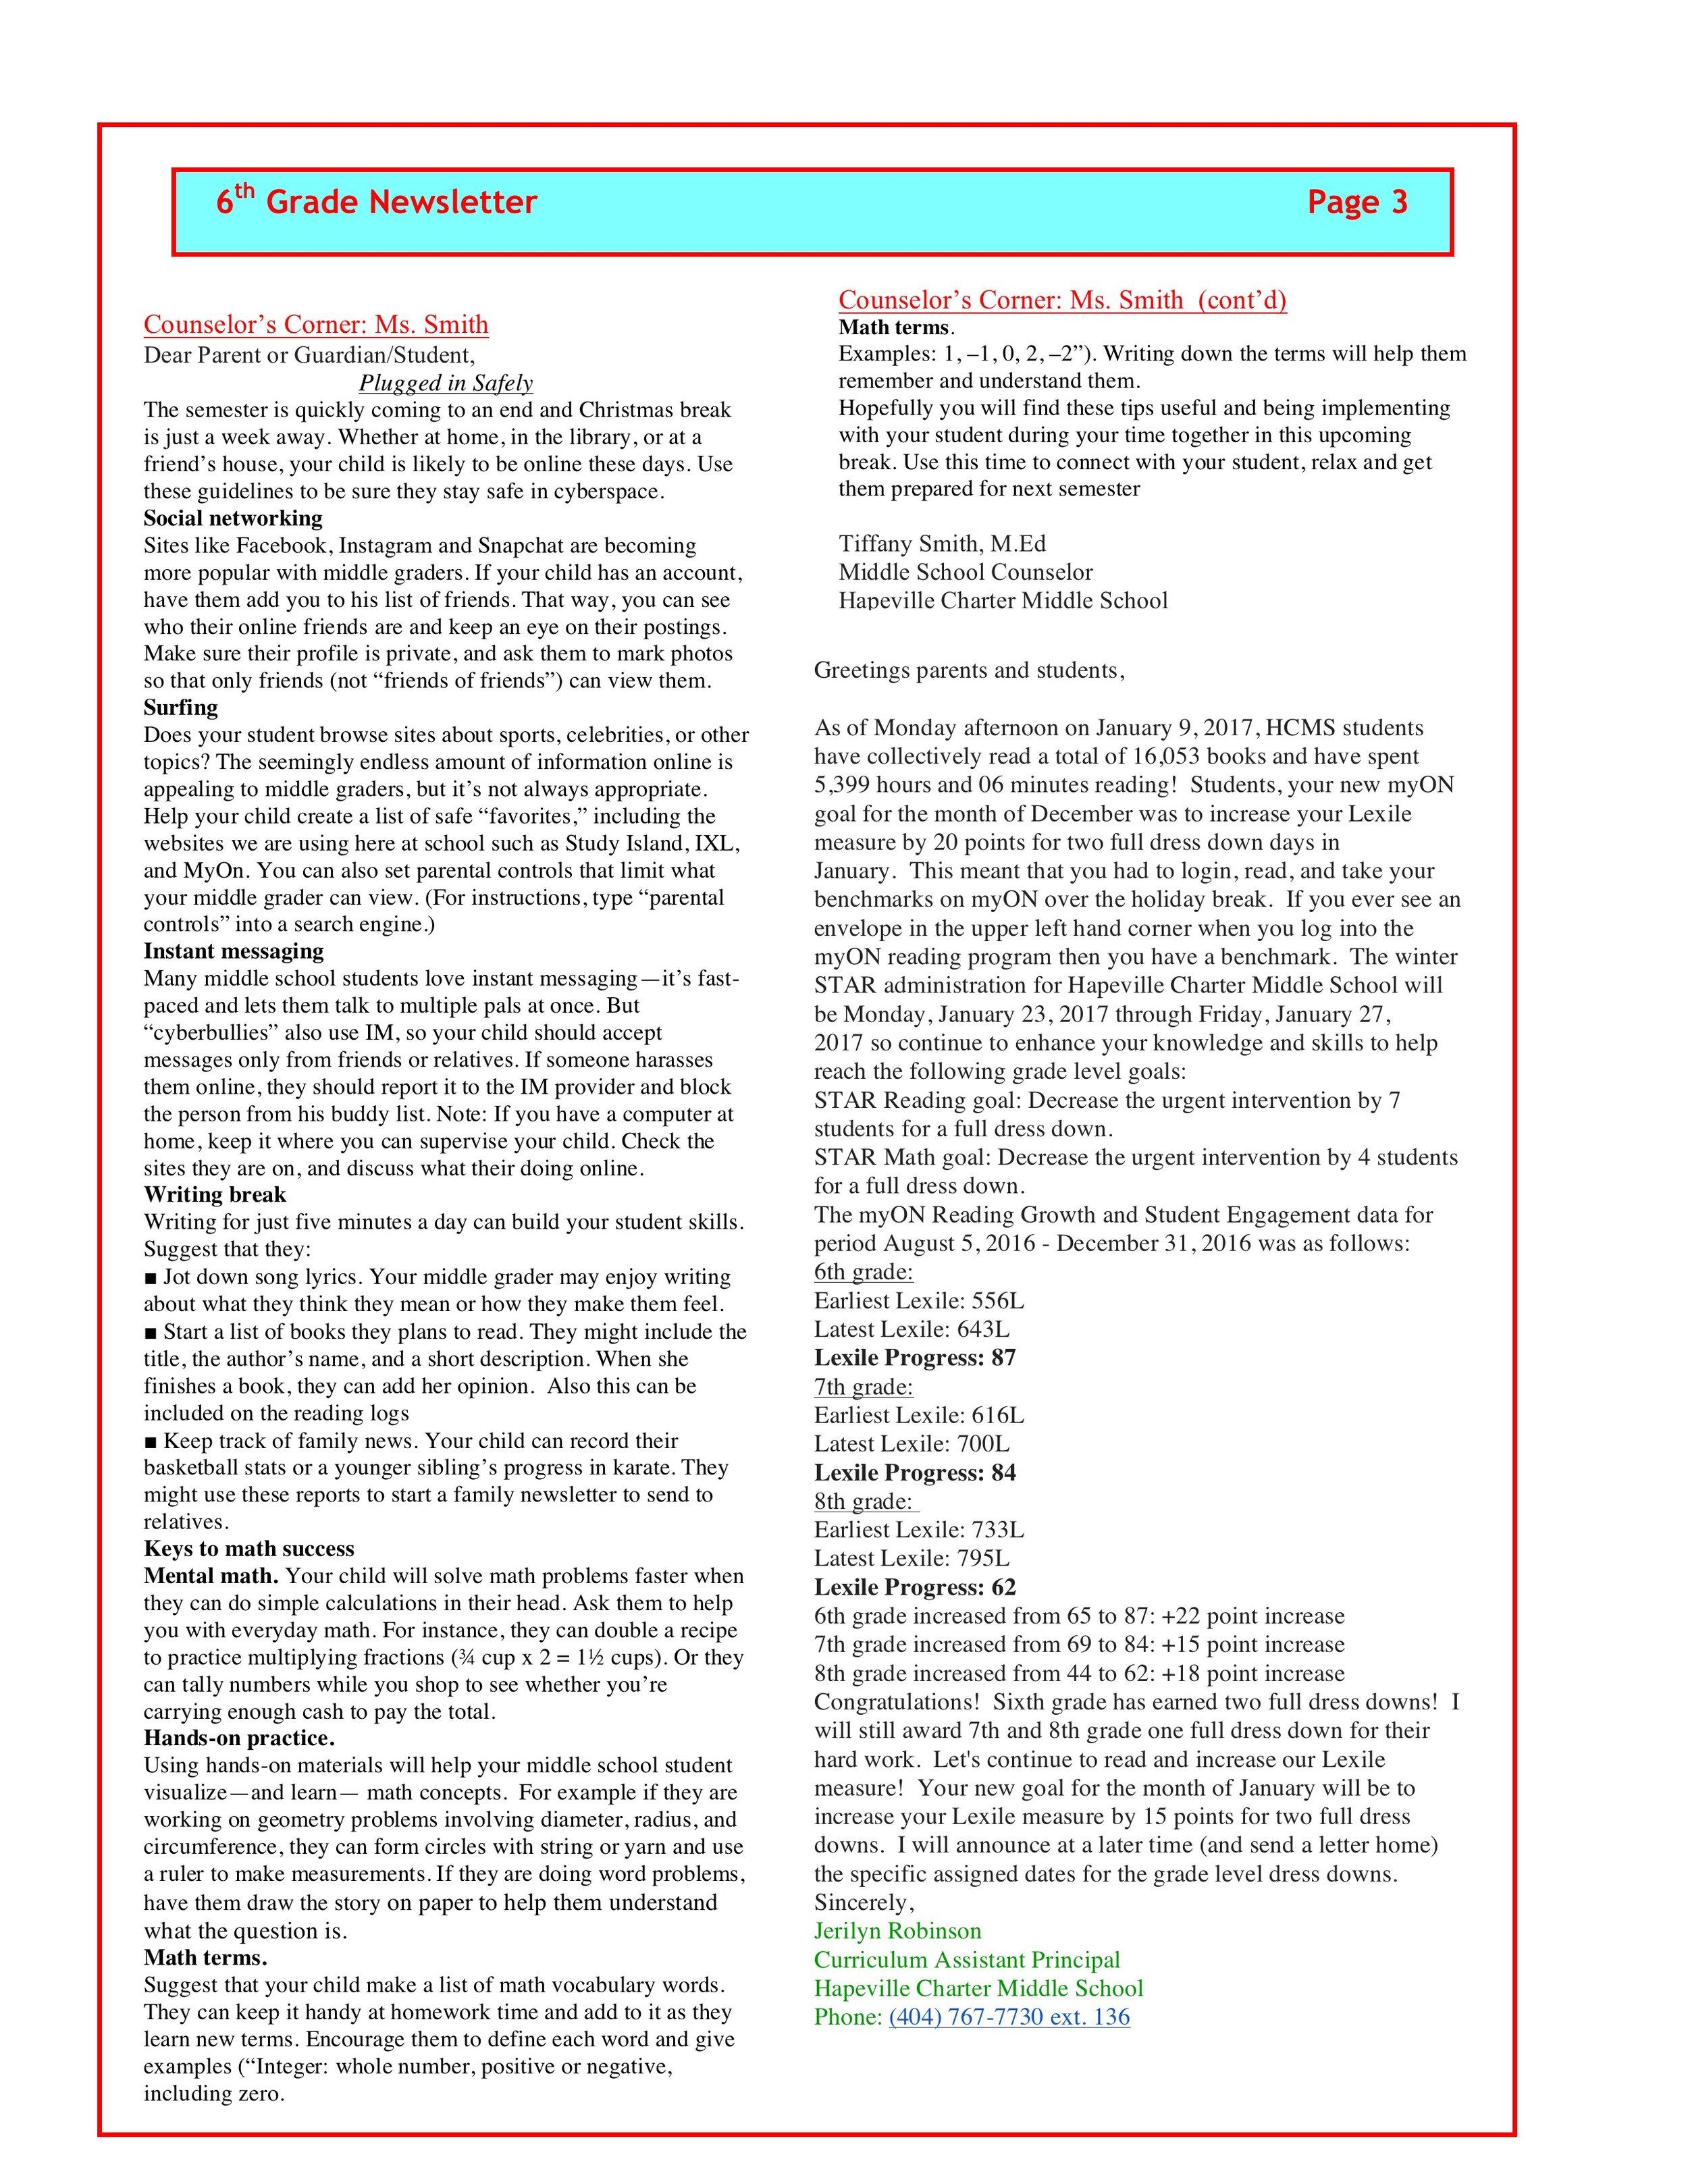 Newsletter Image6th Grade Newsletter 1-9-17 3.jpeg